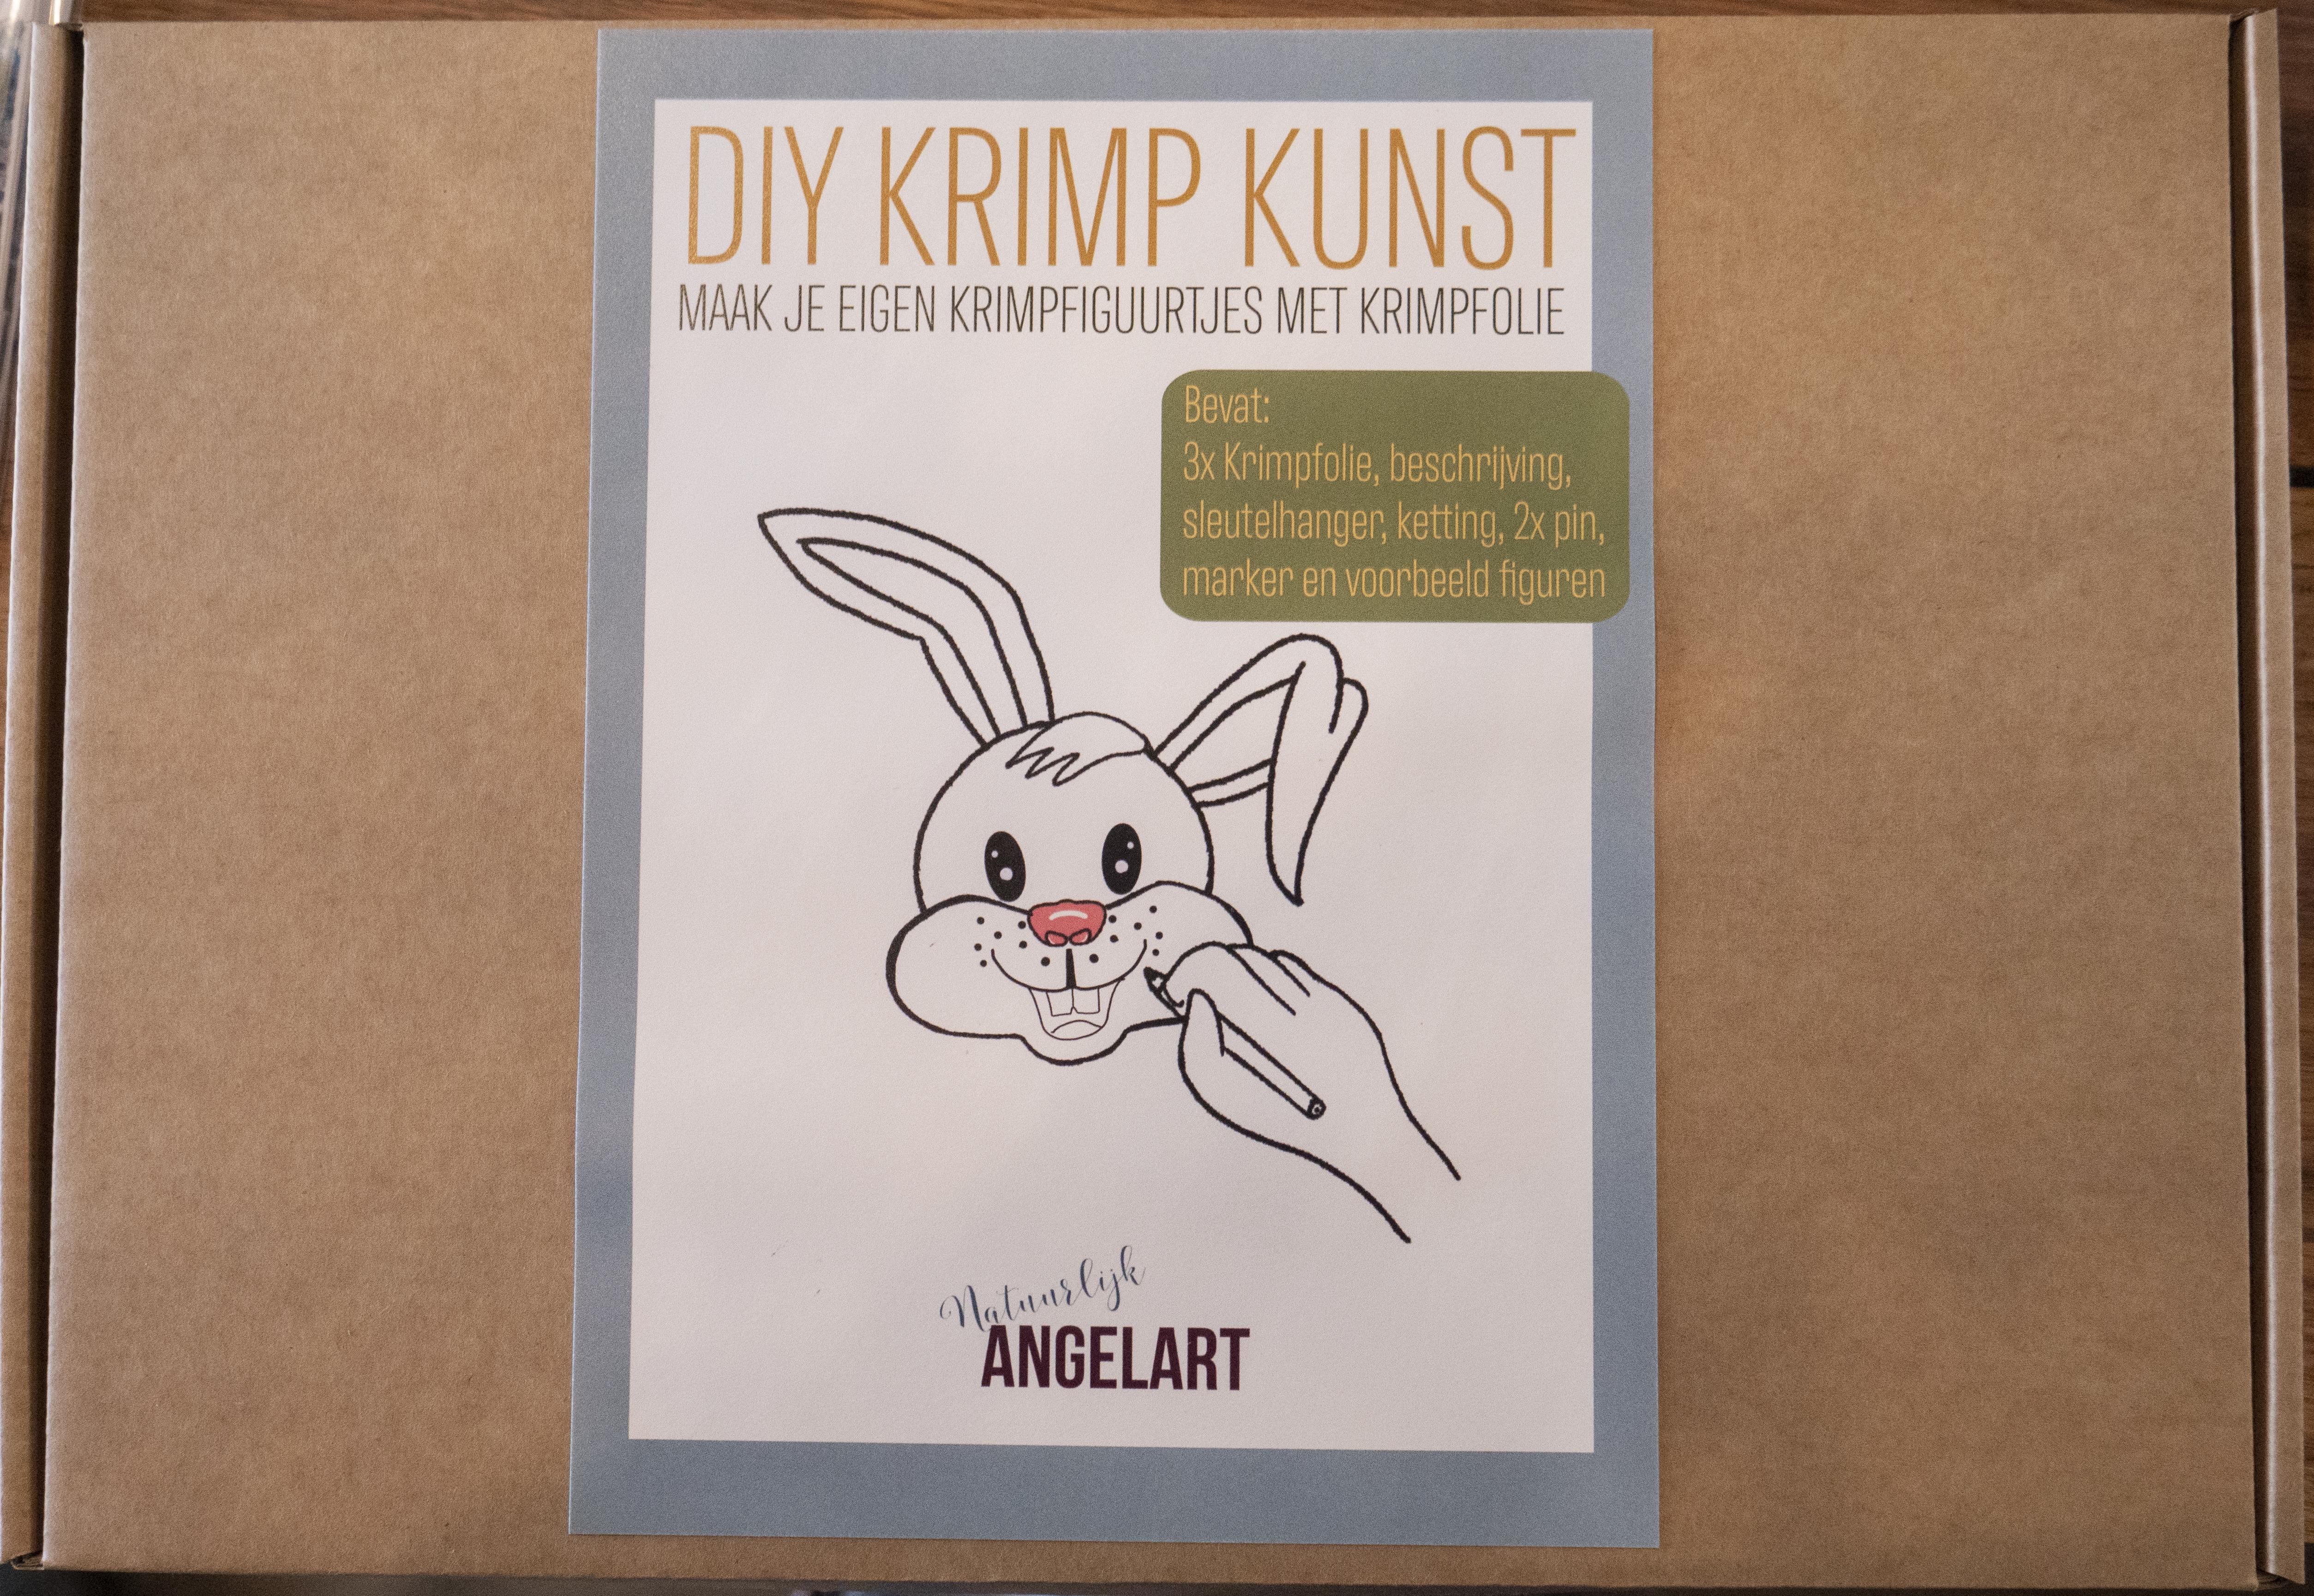 Diy krimp Kunst Natuurlijk Angelart